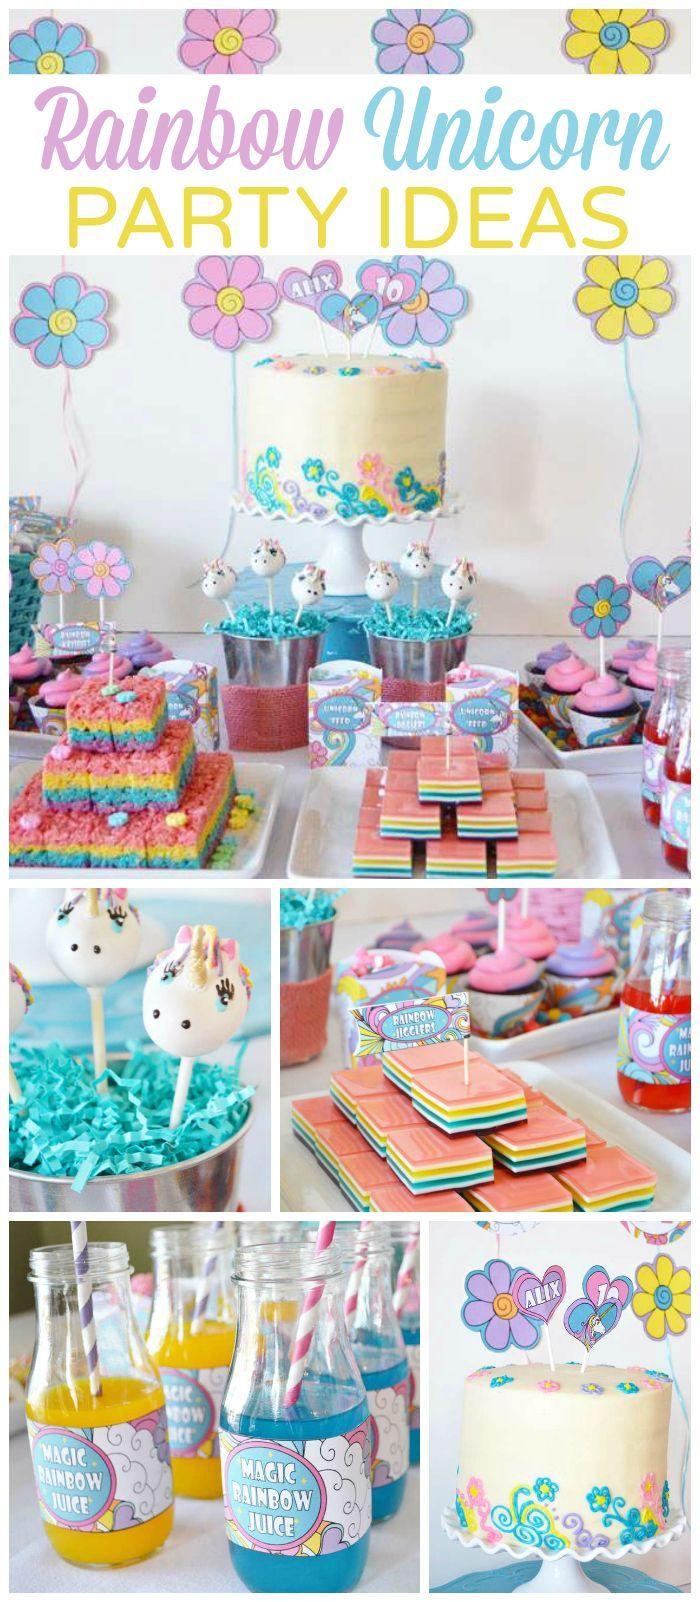 Rainbow And Unicorn Party Ideas  25 best ideas about Rainbow unicorn on Pinterest